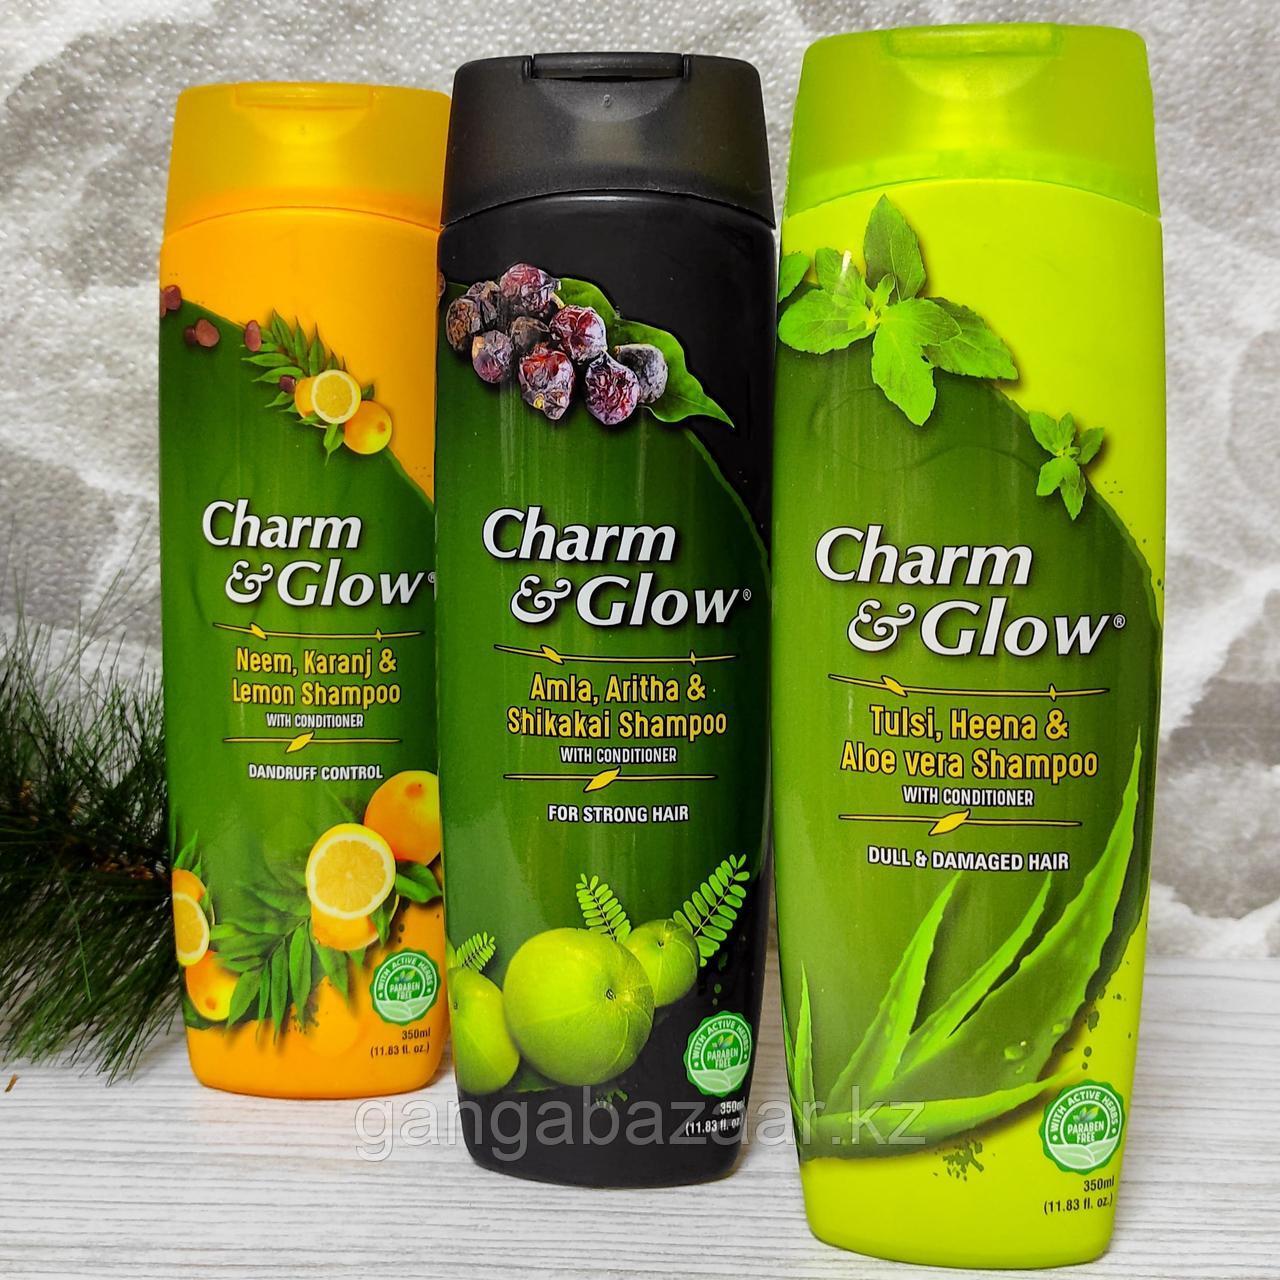 """Травяной шампунь """"Чарм & Глоу -АМЛА,РИТХА,ШИКАКАЙ"""" - для силы, здоровья, предотвращения выпадения волос, 350мл"""